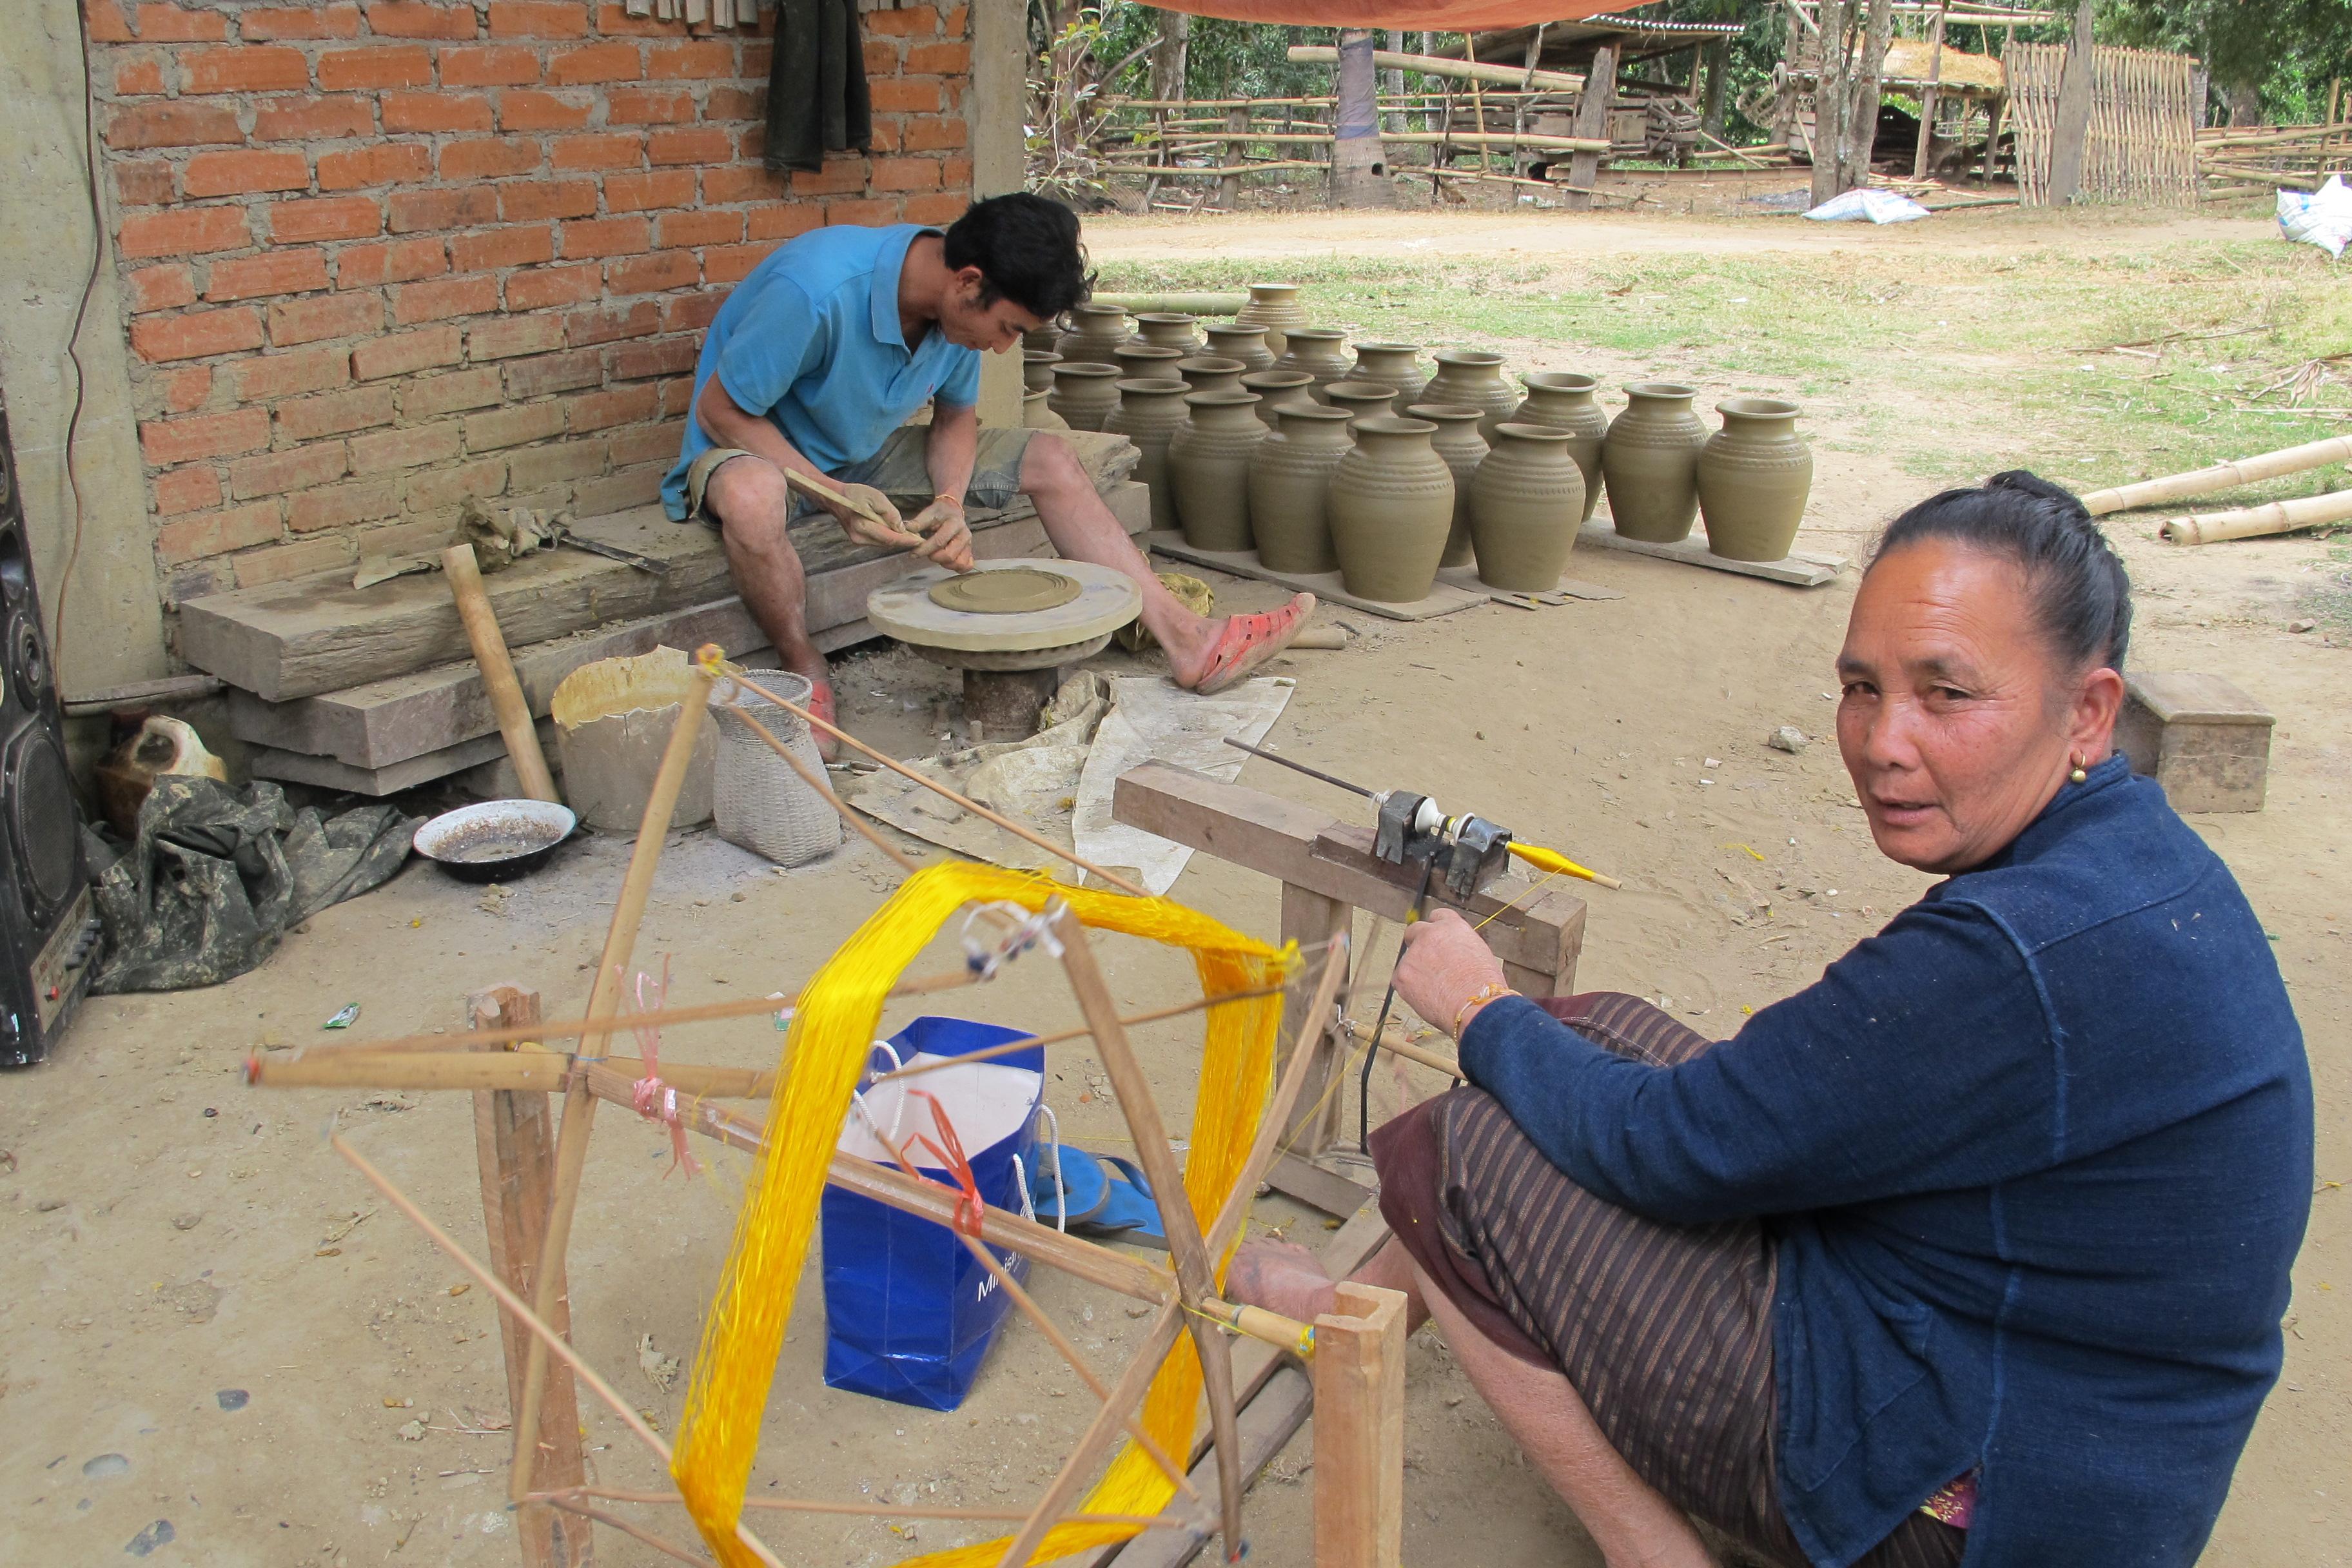 写真8 ルー村での土器づくりの様子(撮影:調査団員)